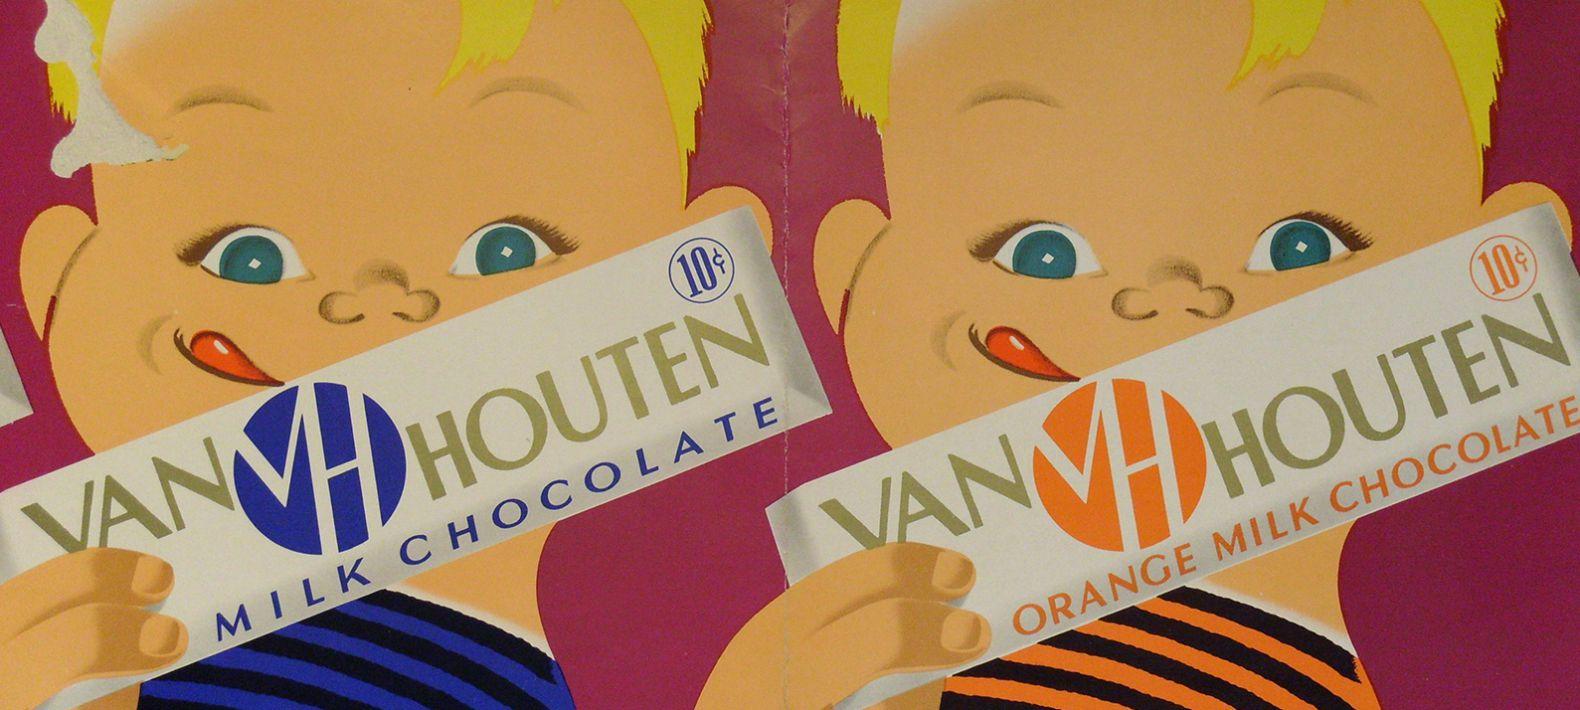 Wij-houden-van-Van-Houten.-U-ook-.jpg